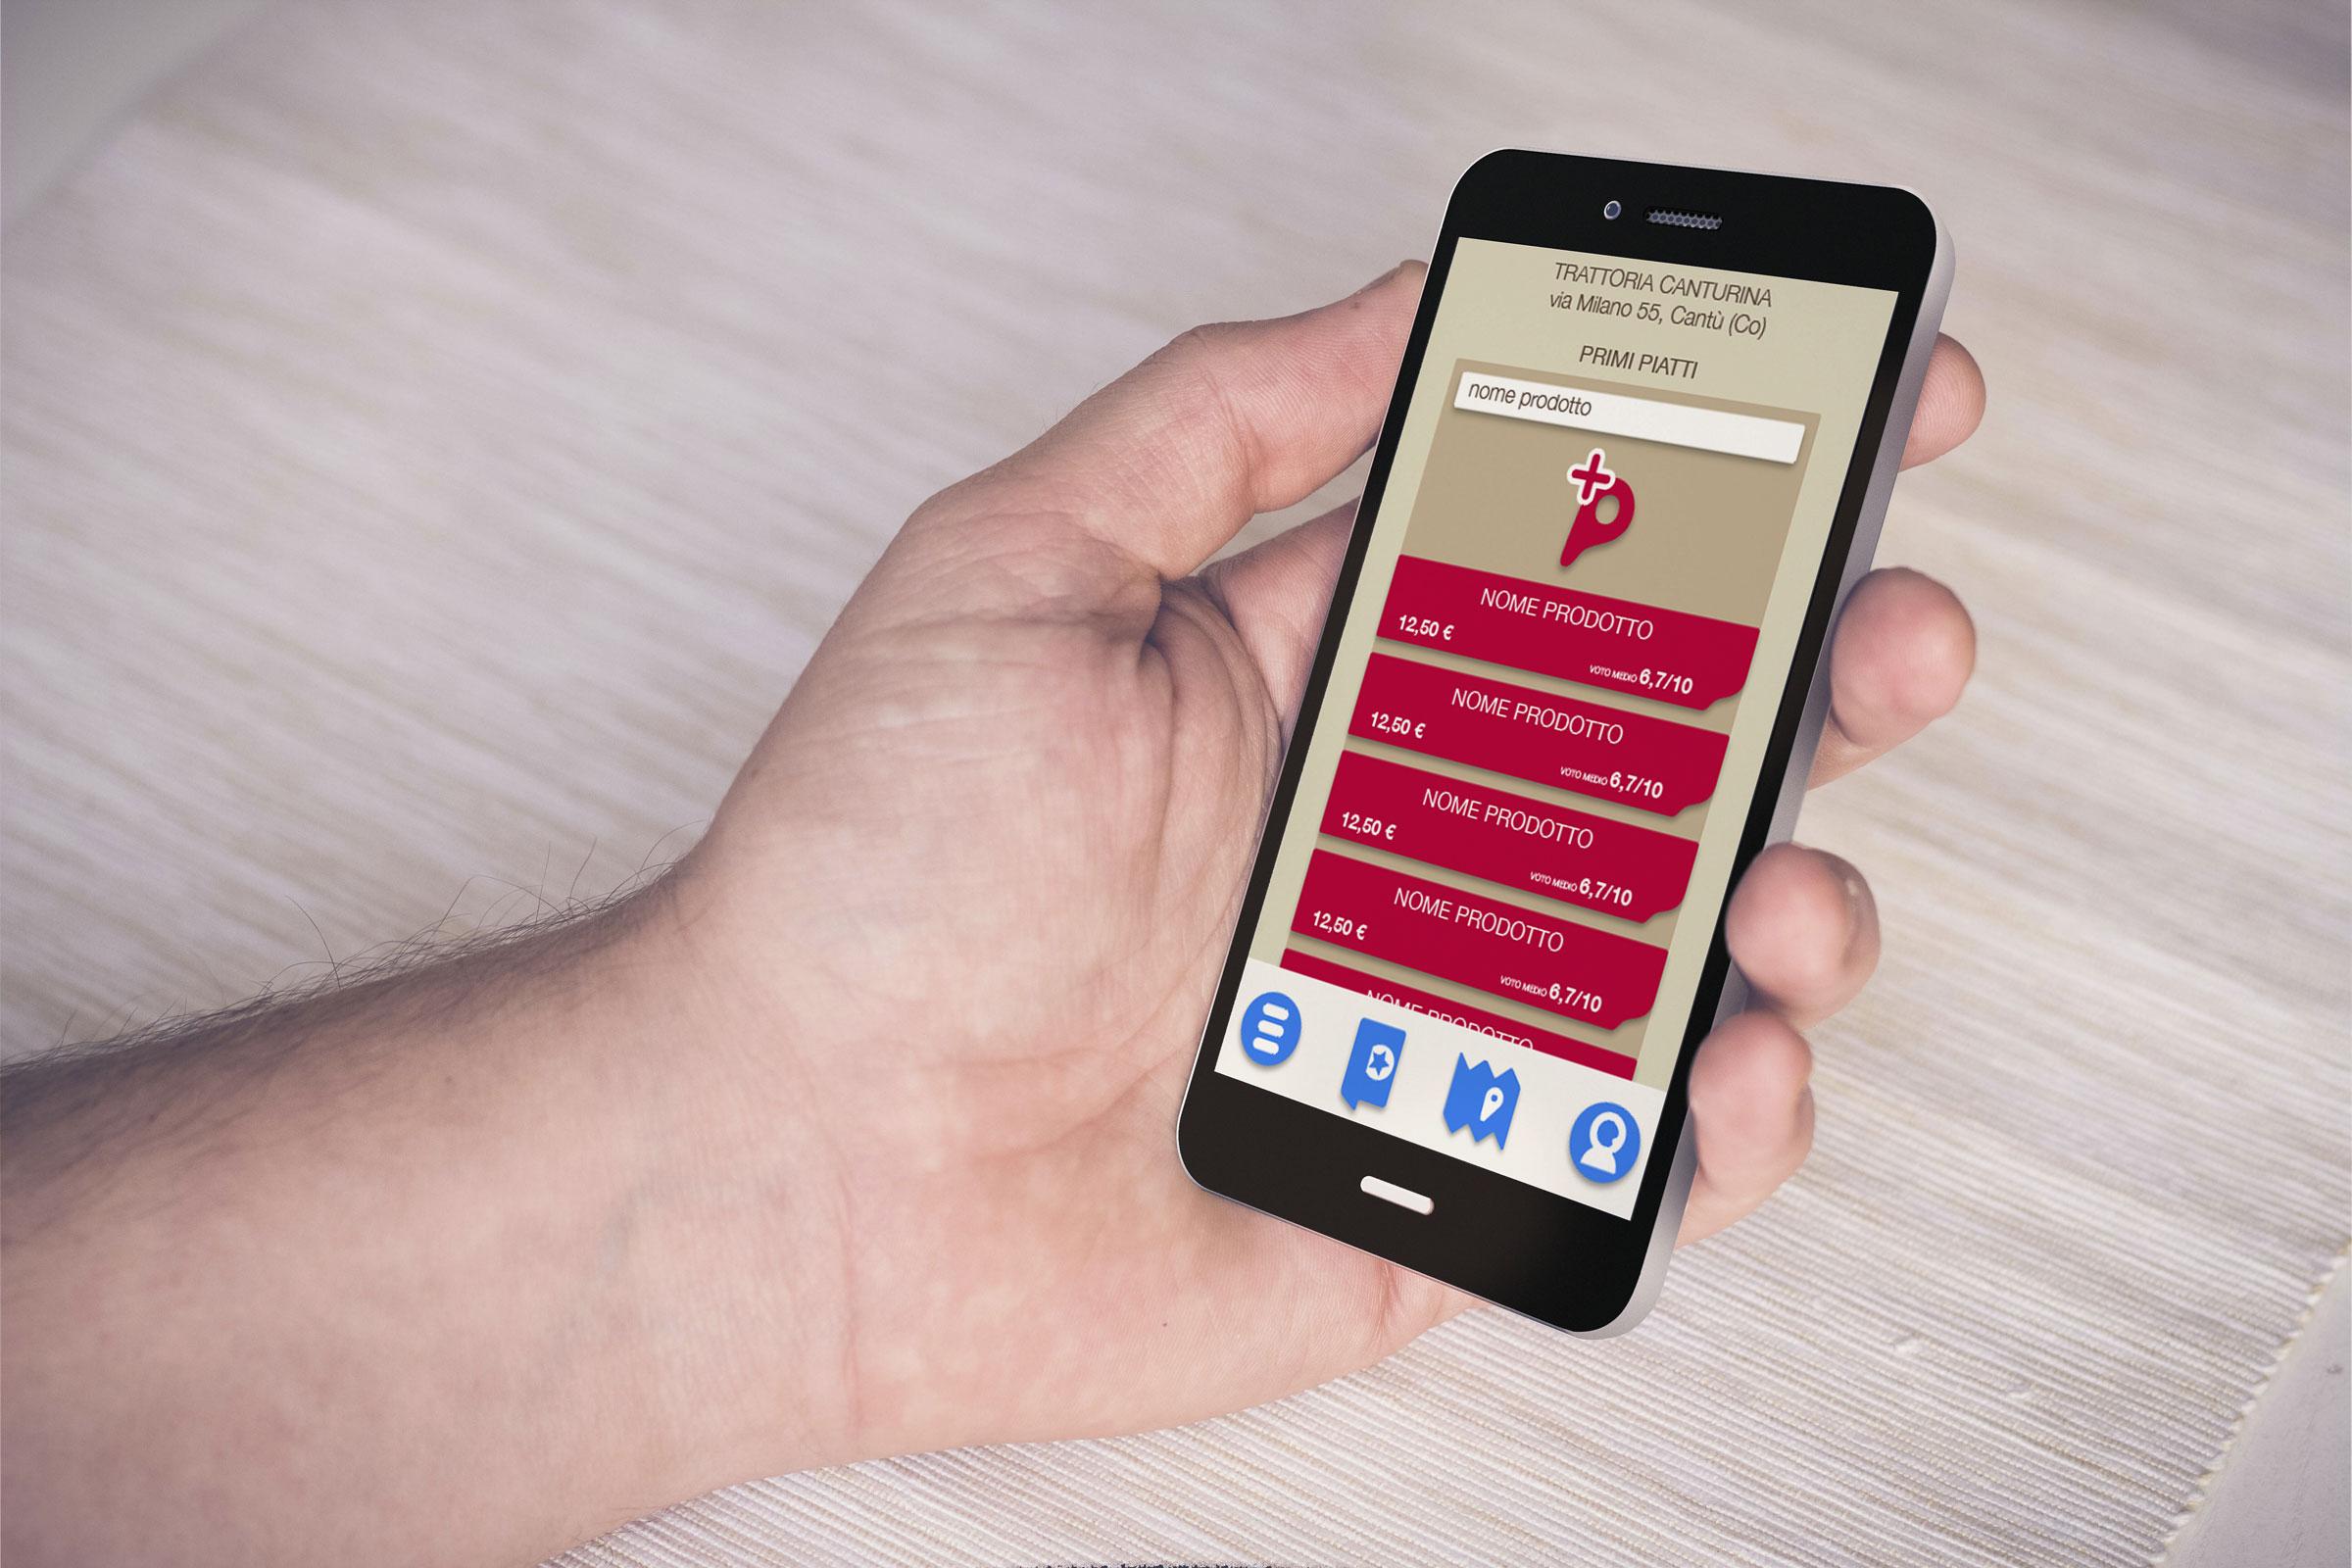 Web app toptip android iOS